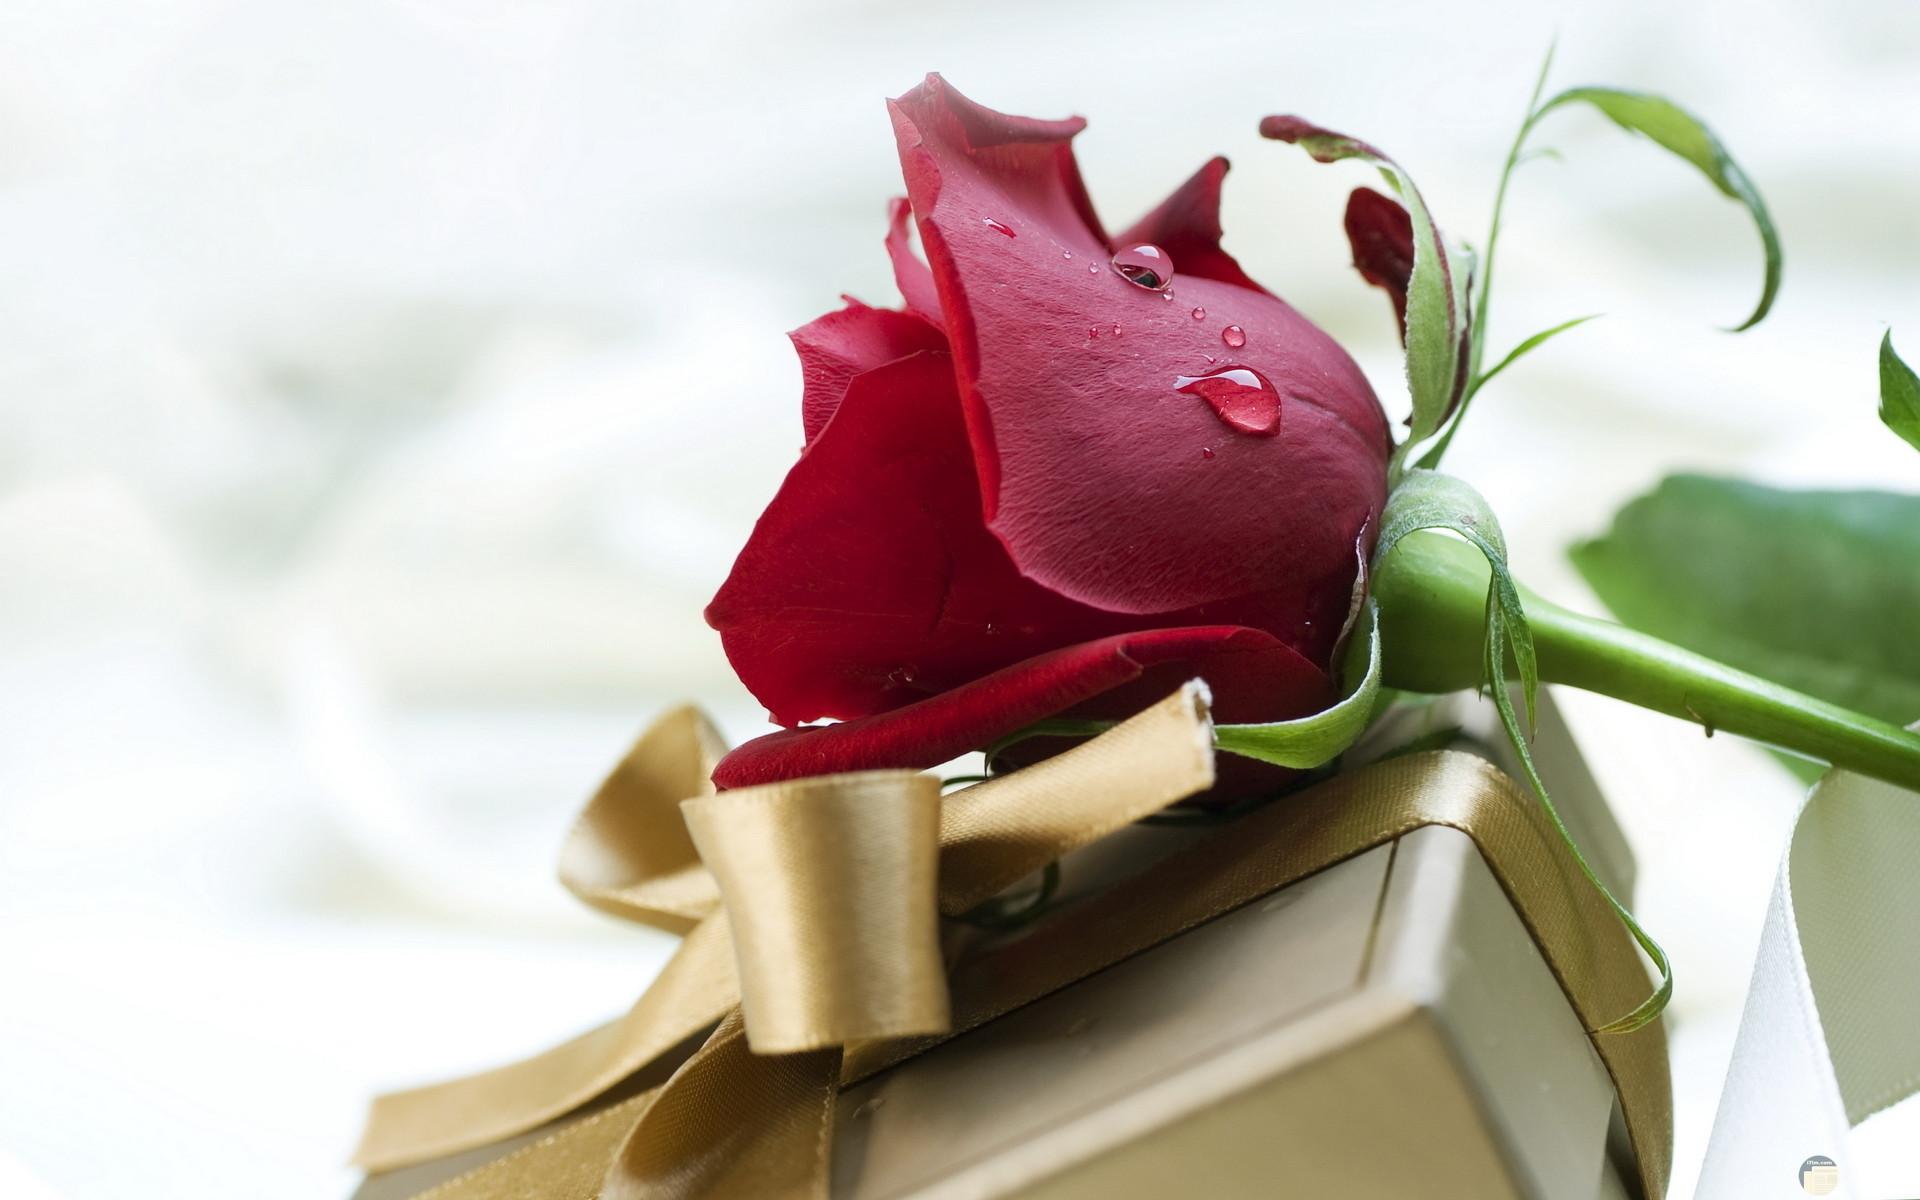 صورة زهرة حمراء جميلة